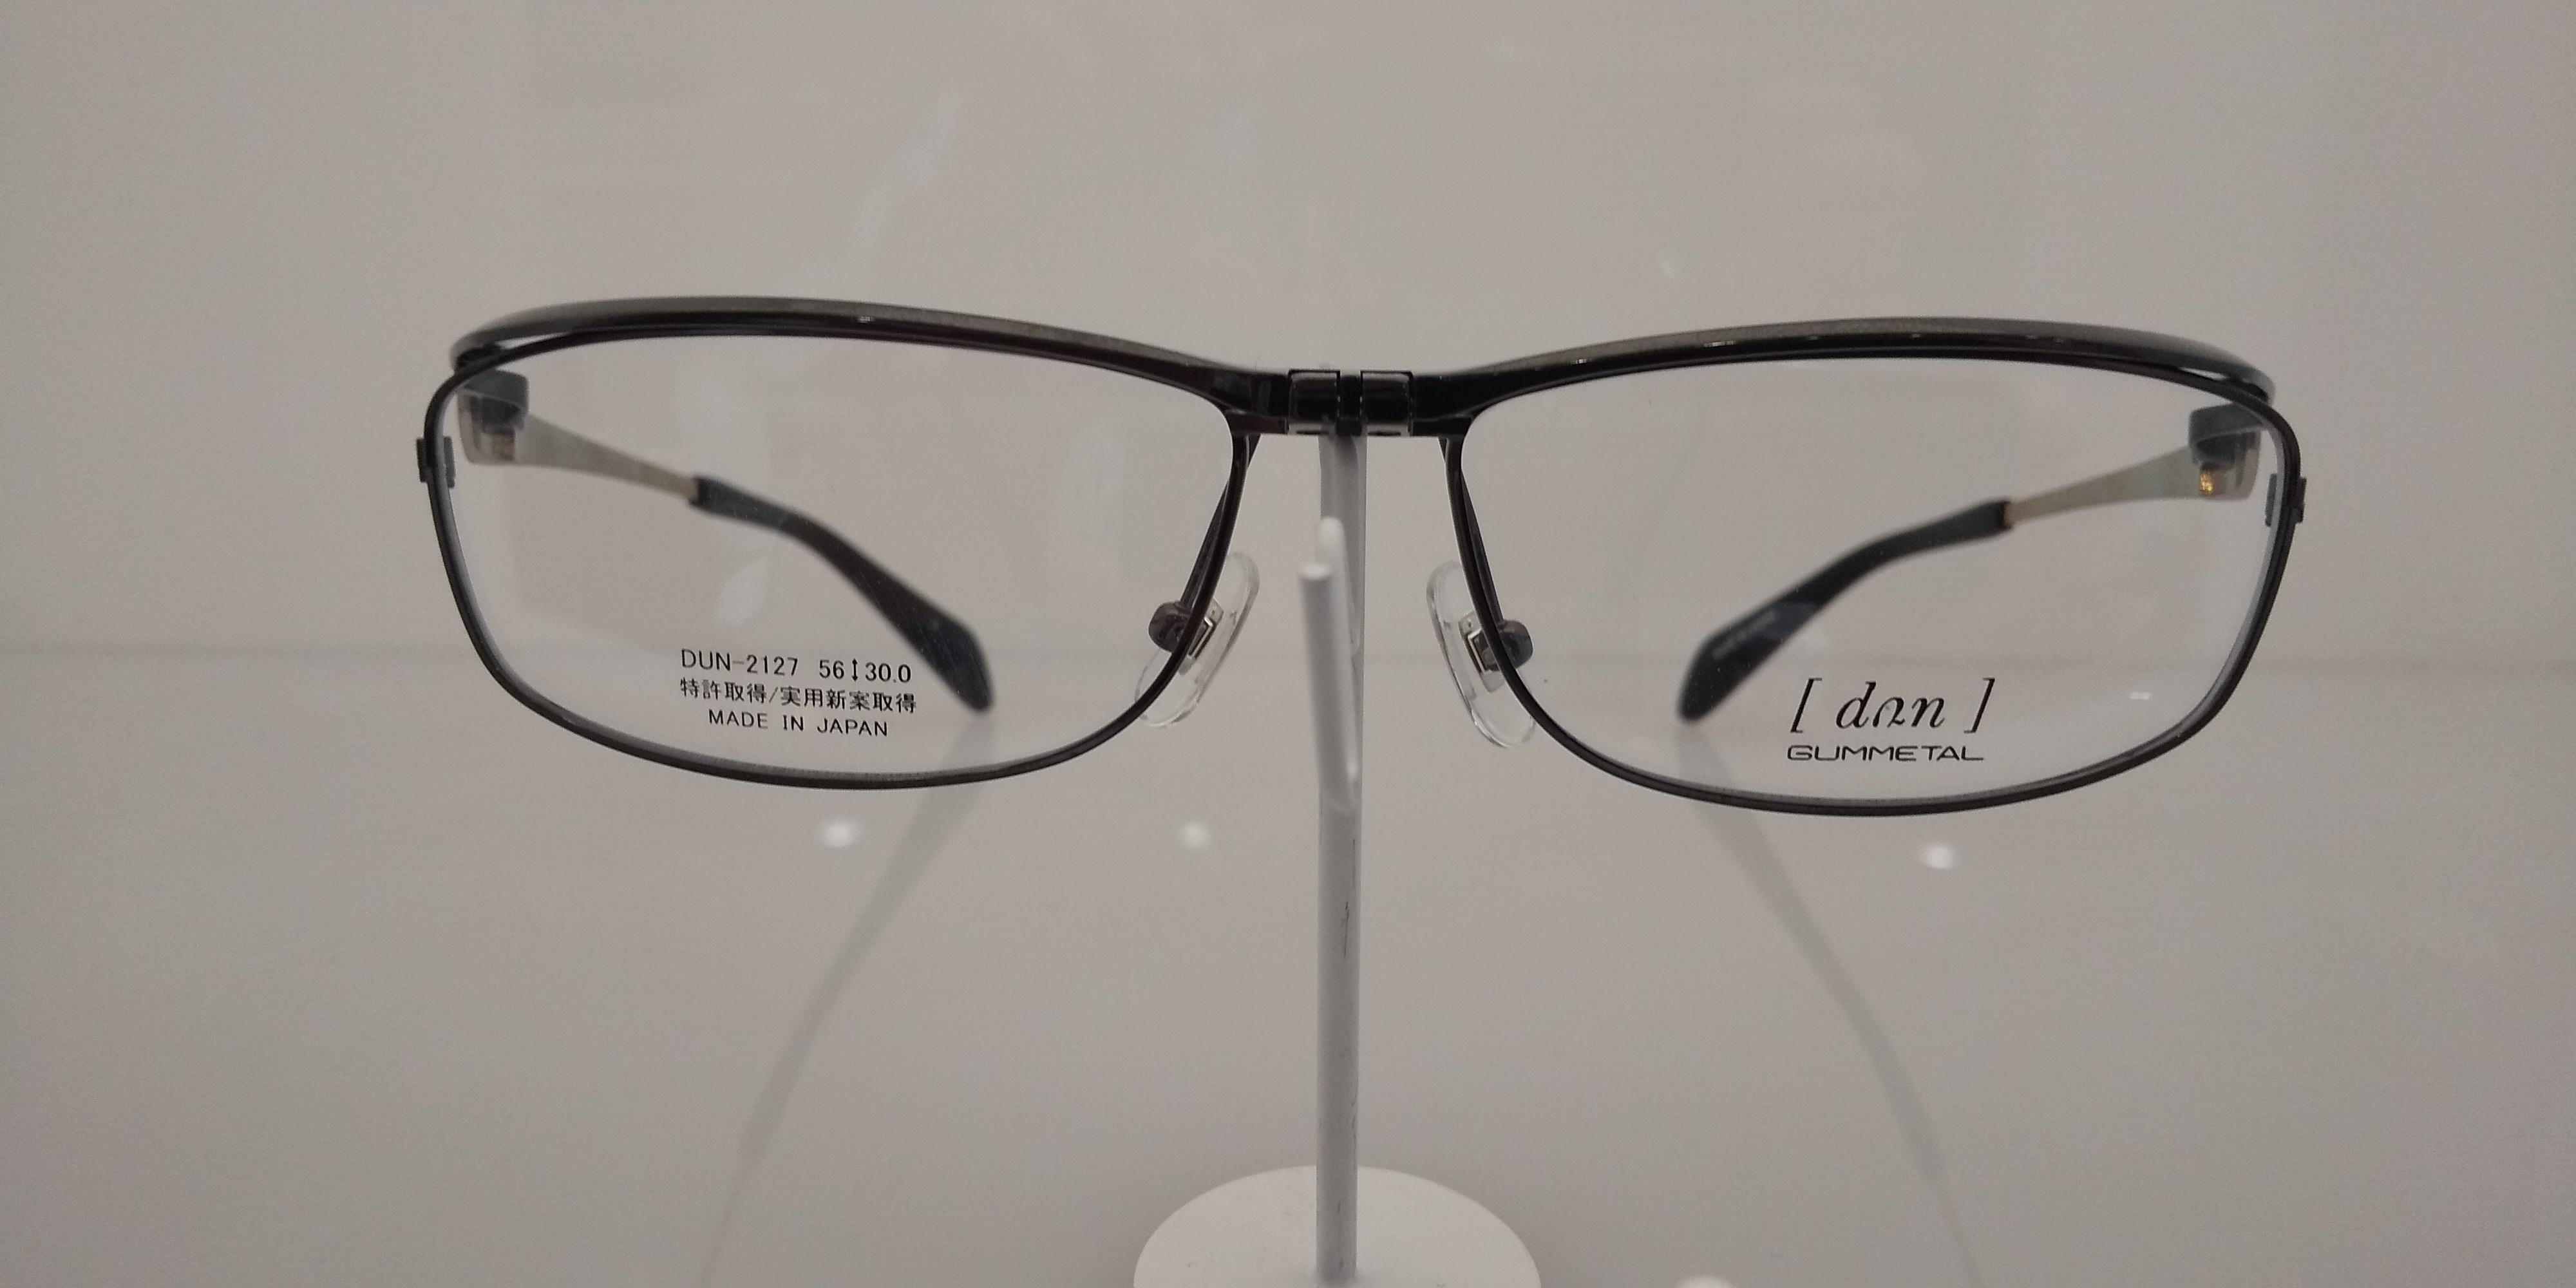 近くを見るときにメガネを外す方用のメガネ